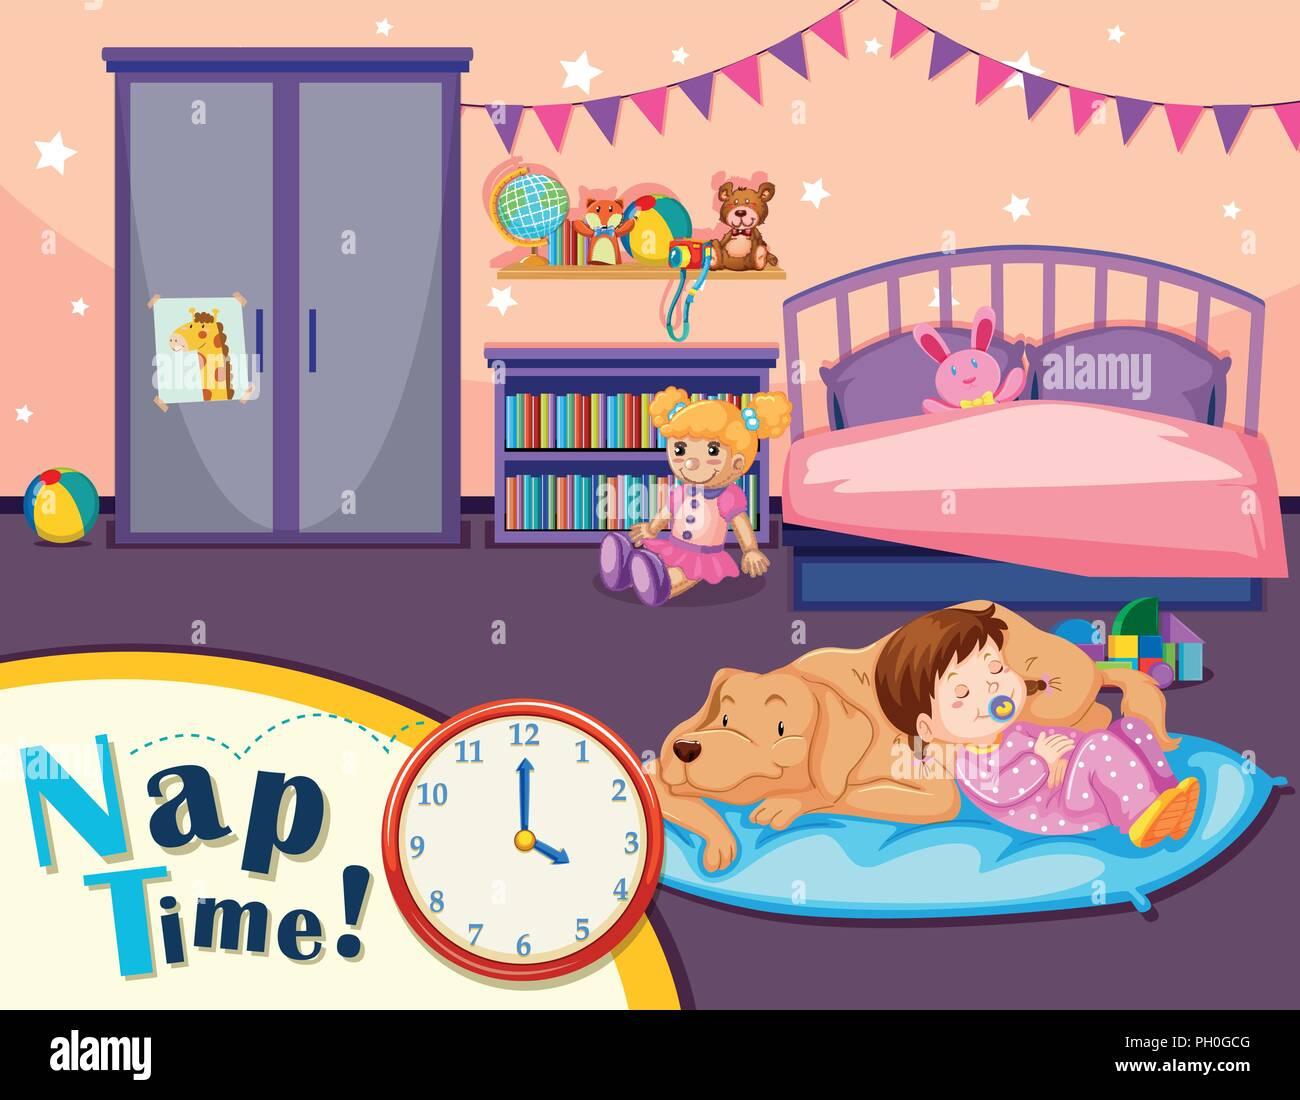 La hora de la siesta joven escena ilustración Imagen De Stock